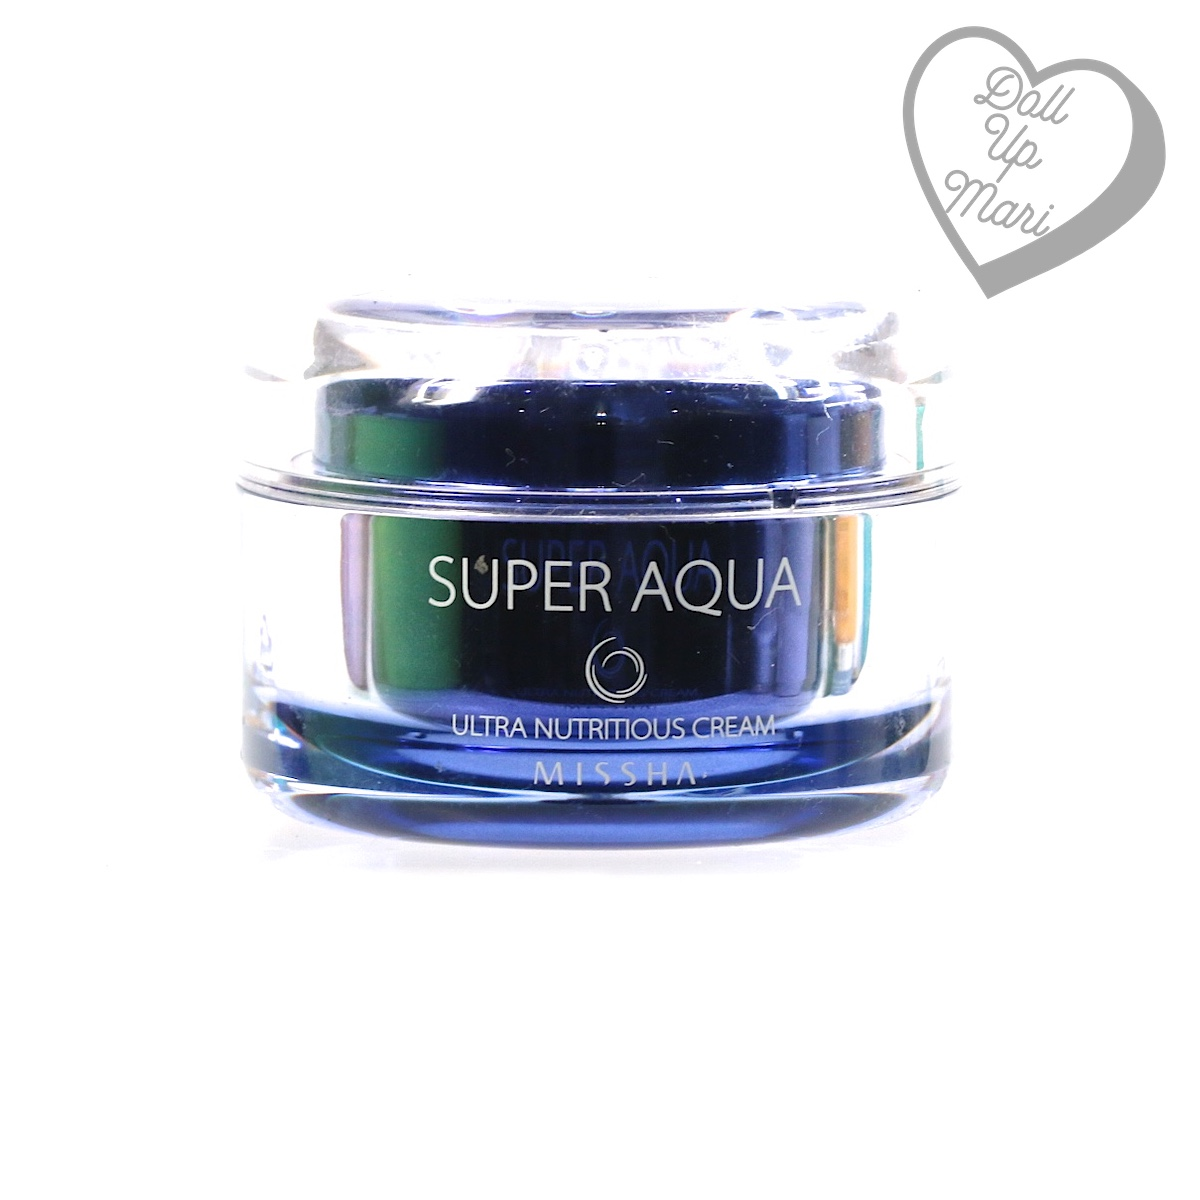 Missha Super Aqua Ultra Nutritious Cream